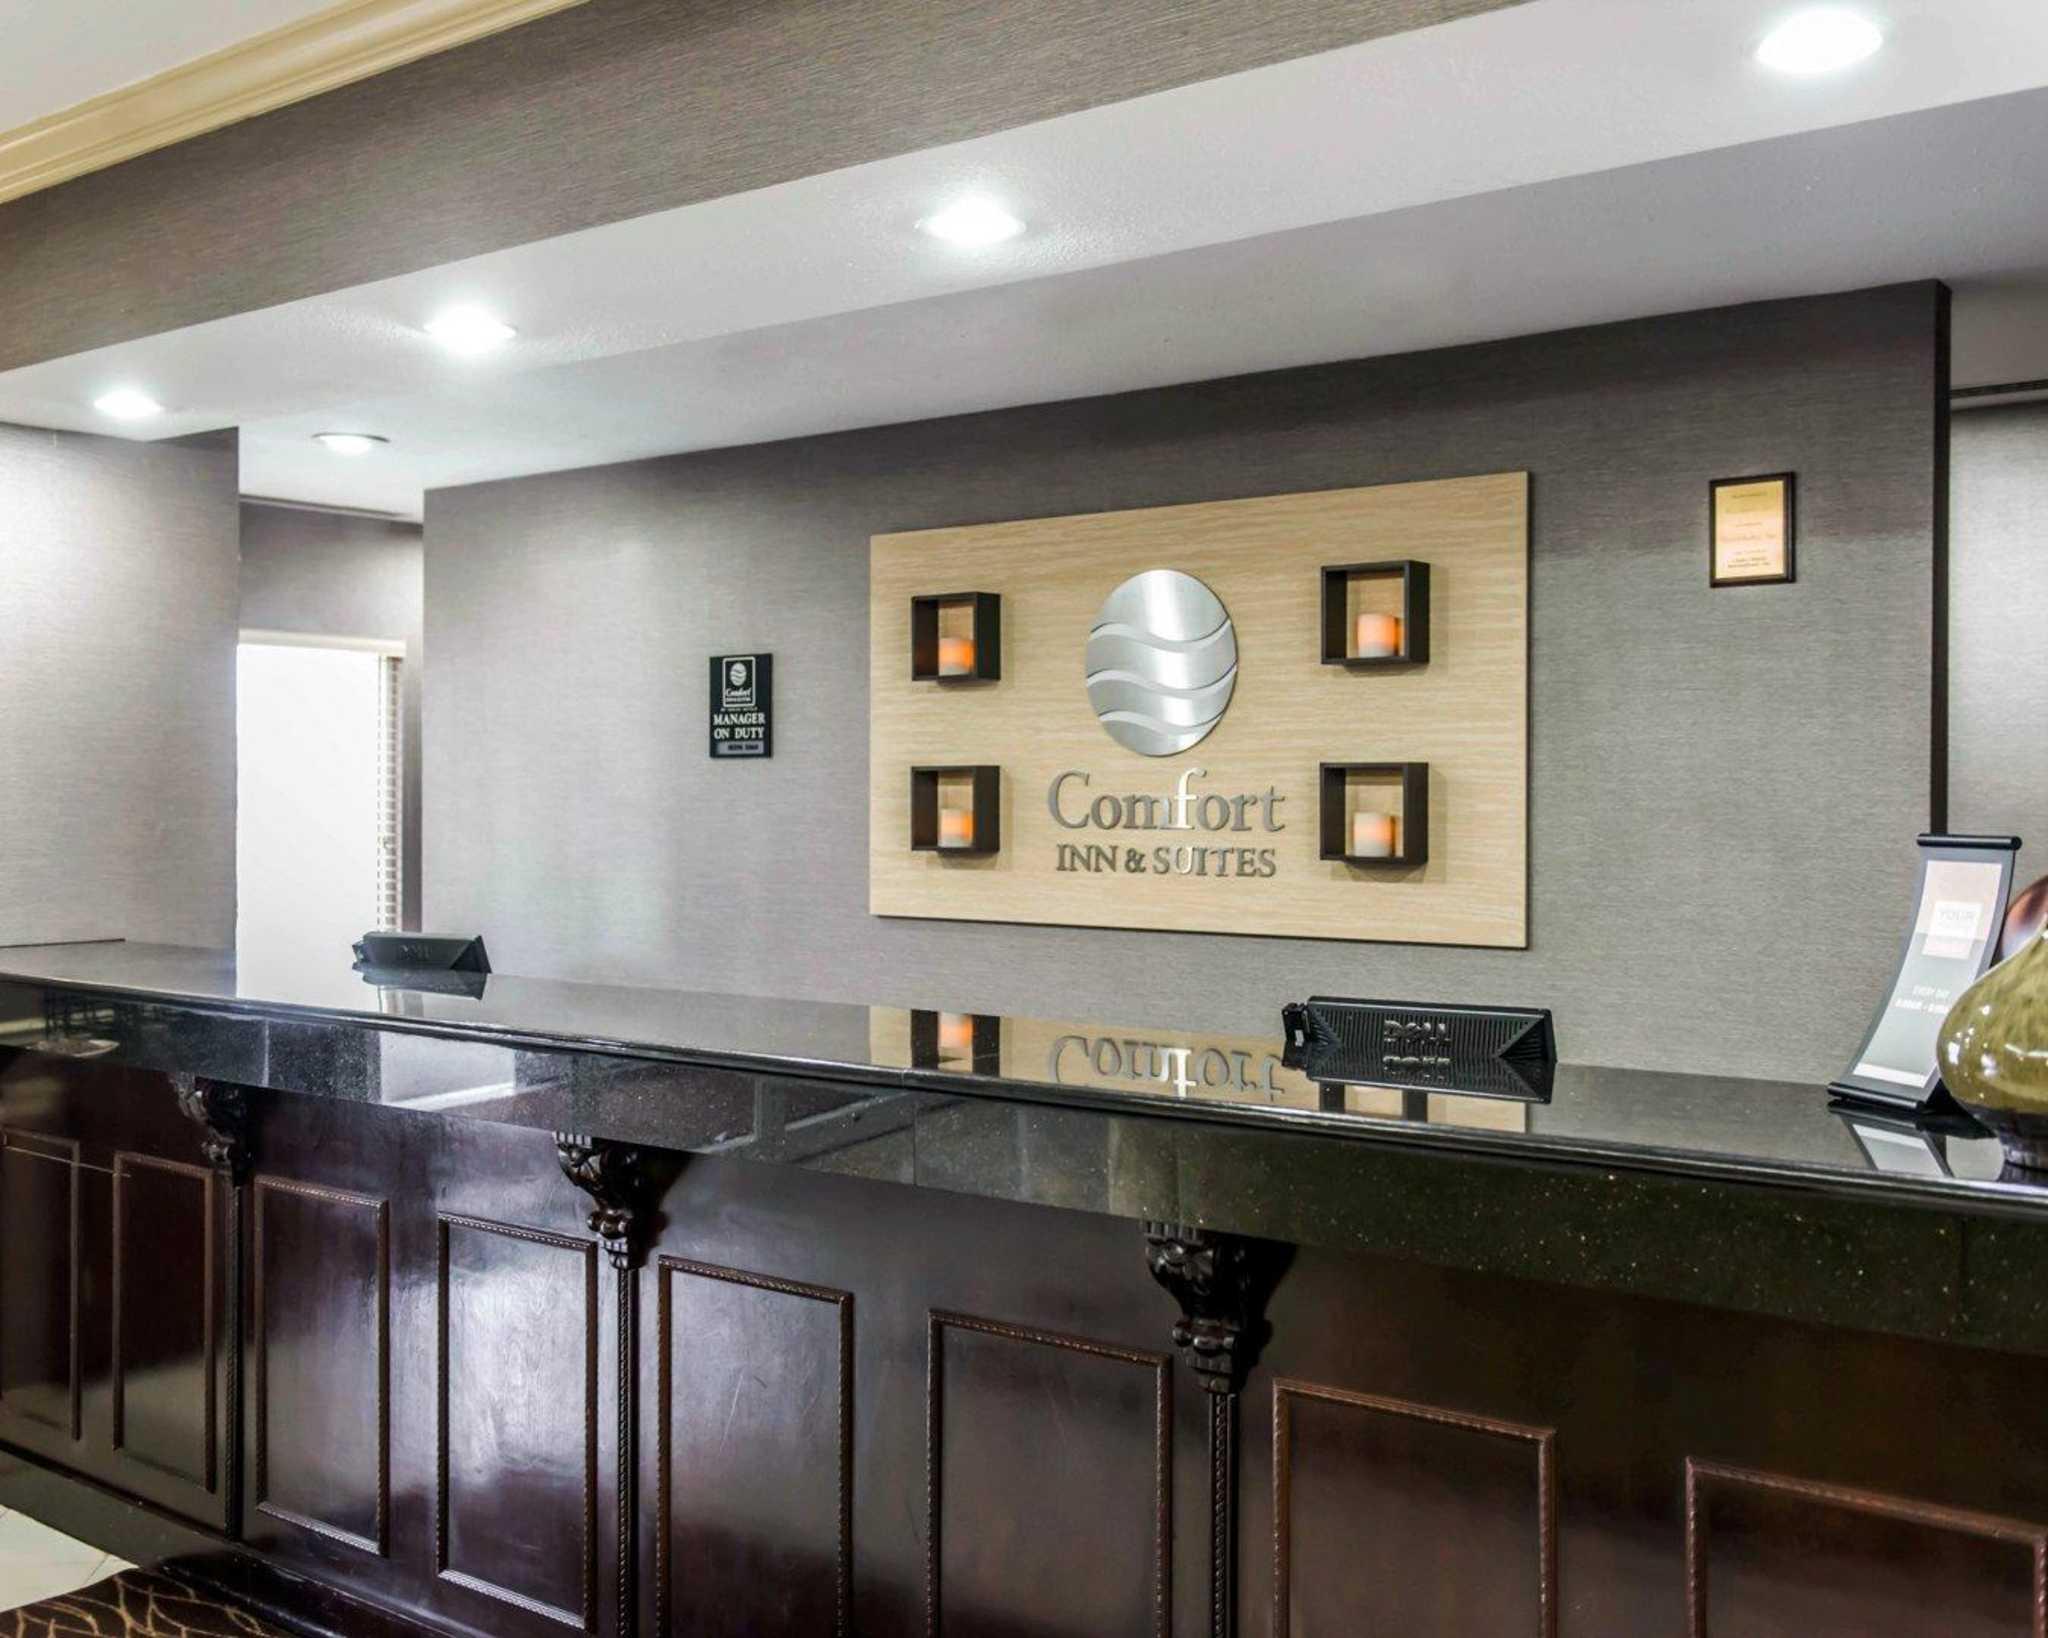 Comfort Inn & Suites Marianna I-10 image 20